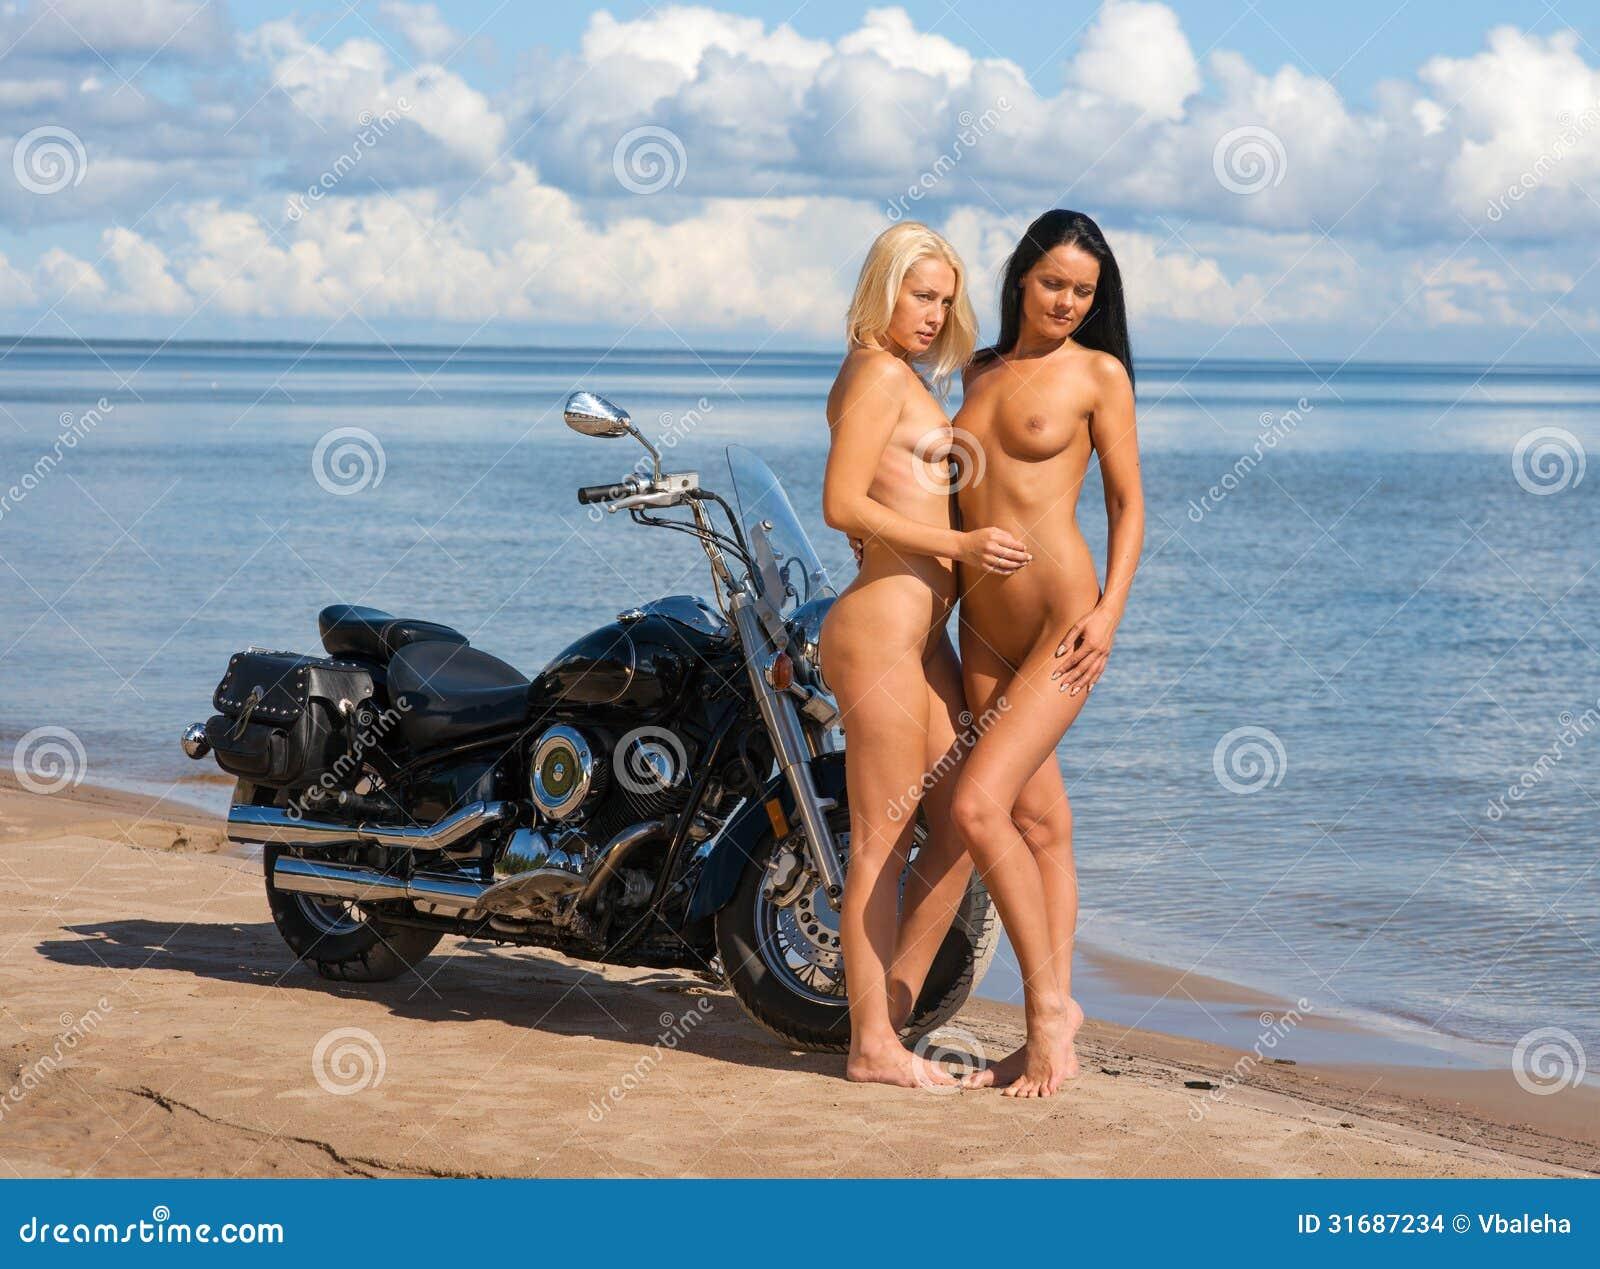 Fantasy nude women on motorbikes pornos photos